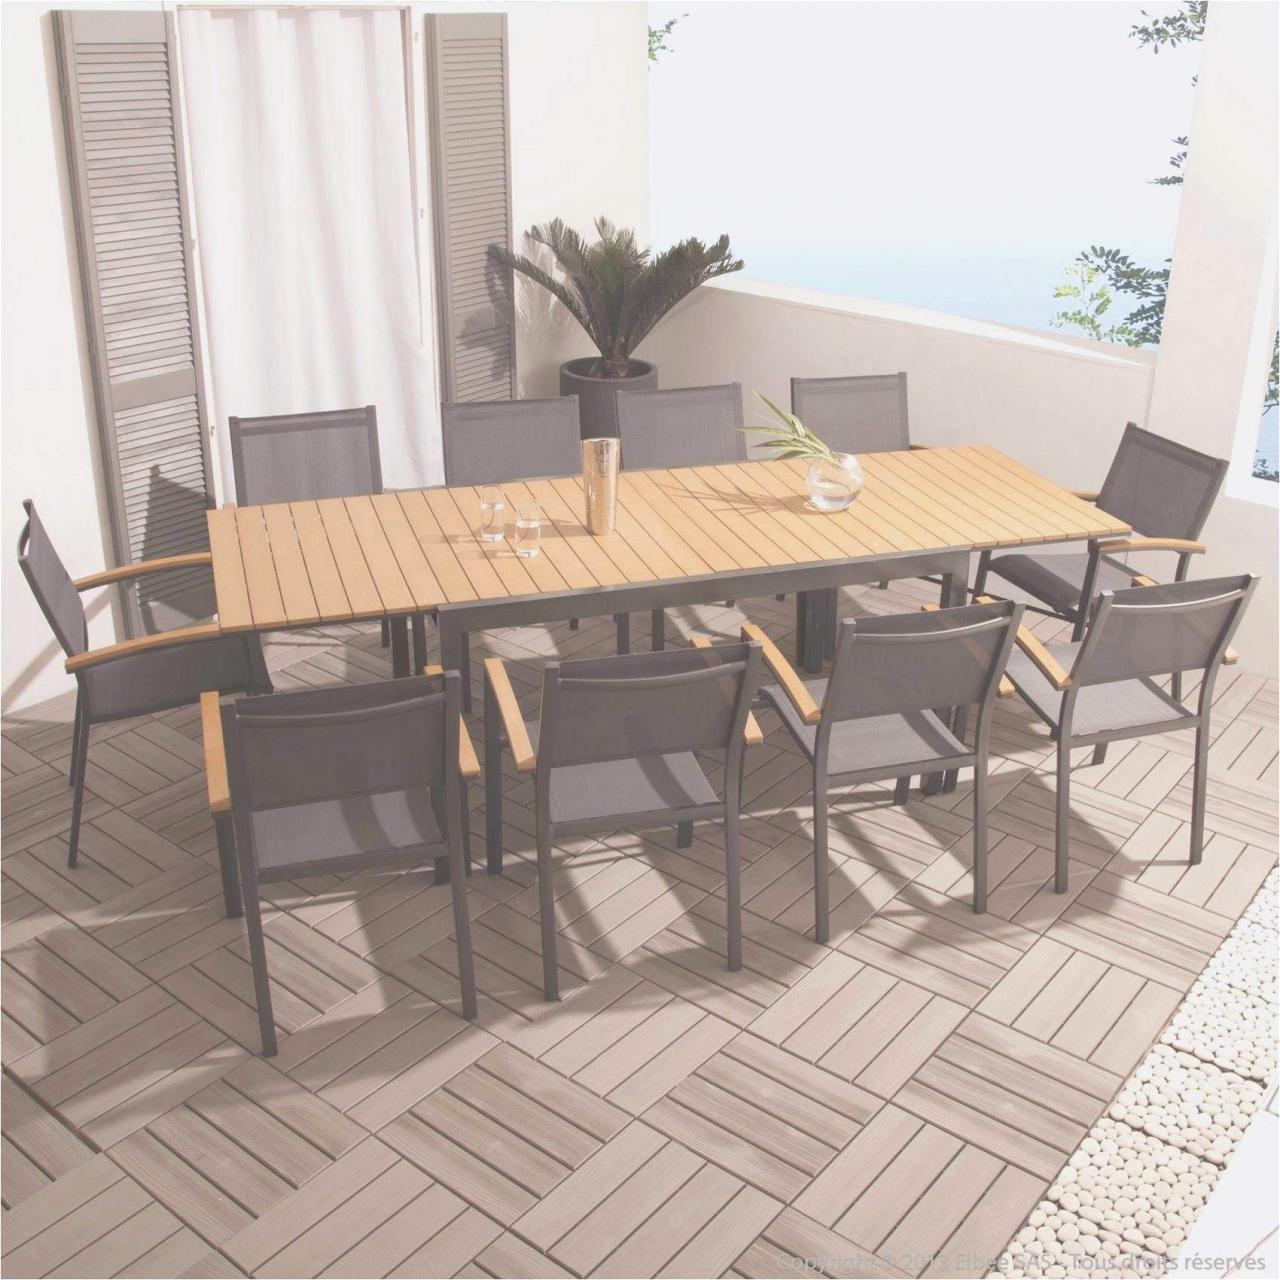 conforama salon de jardin le meilleur de 77 table salon conforama juillet 2018 of conforama salon de jardin